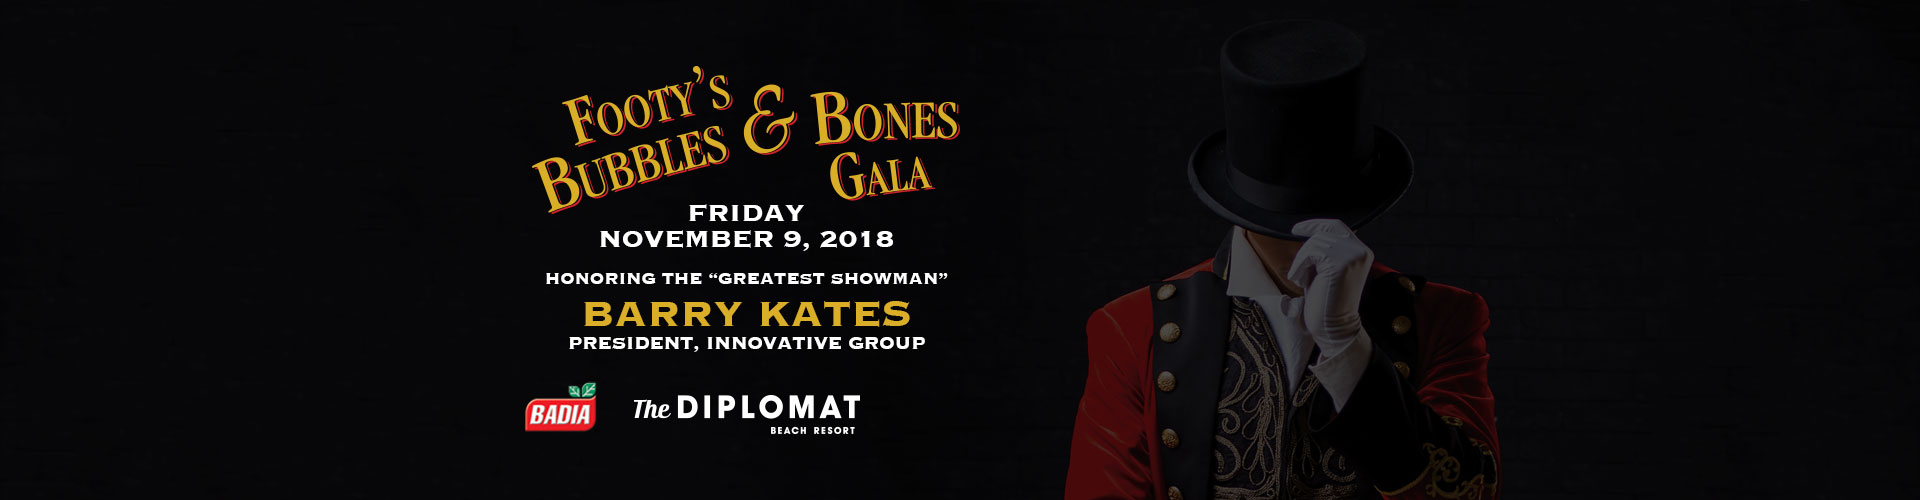 Footy's Bubbles & Bones Gala Friday November 9, 2018